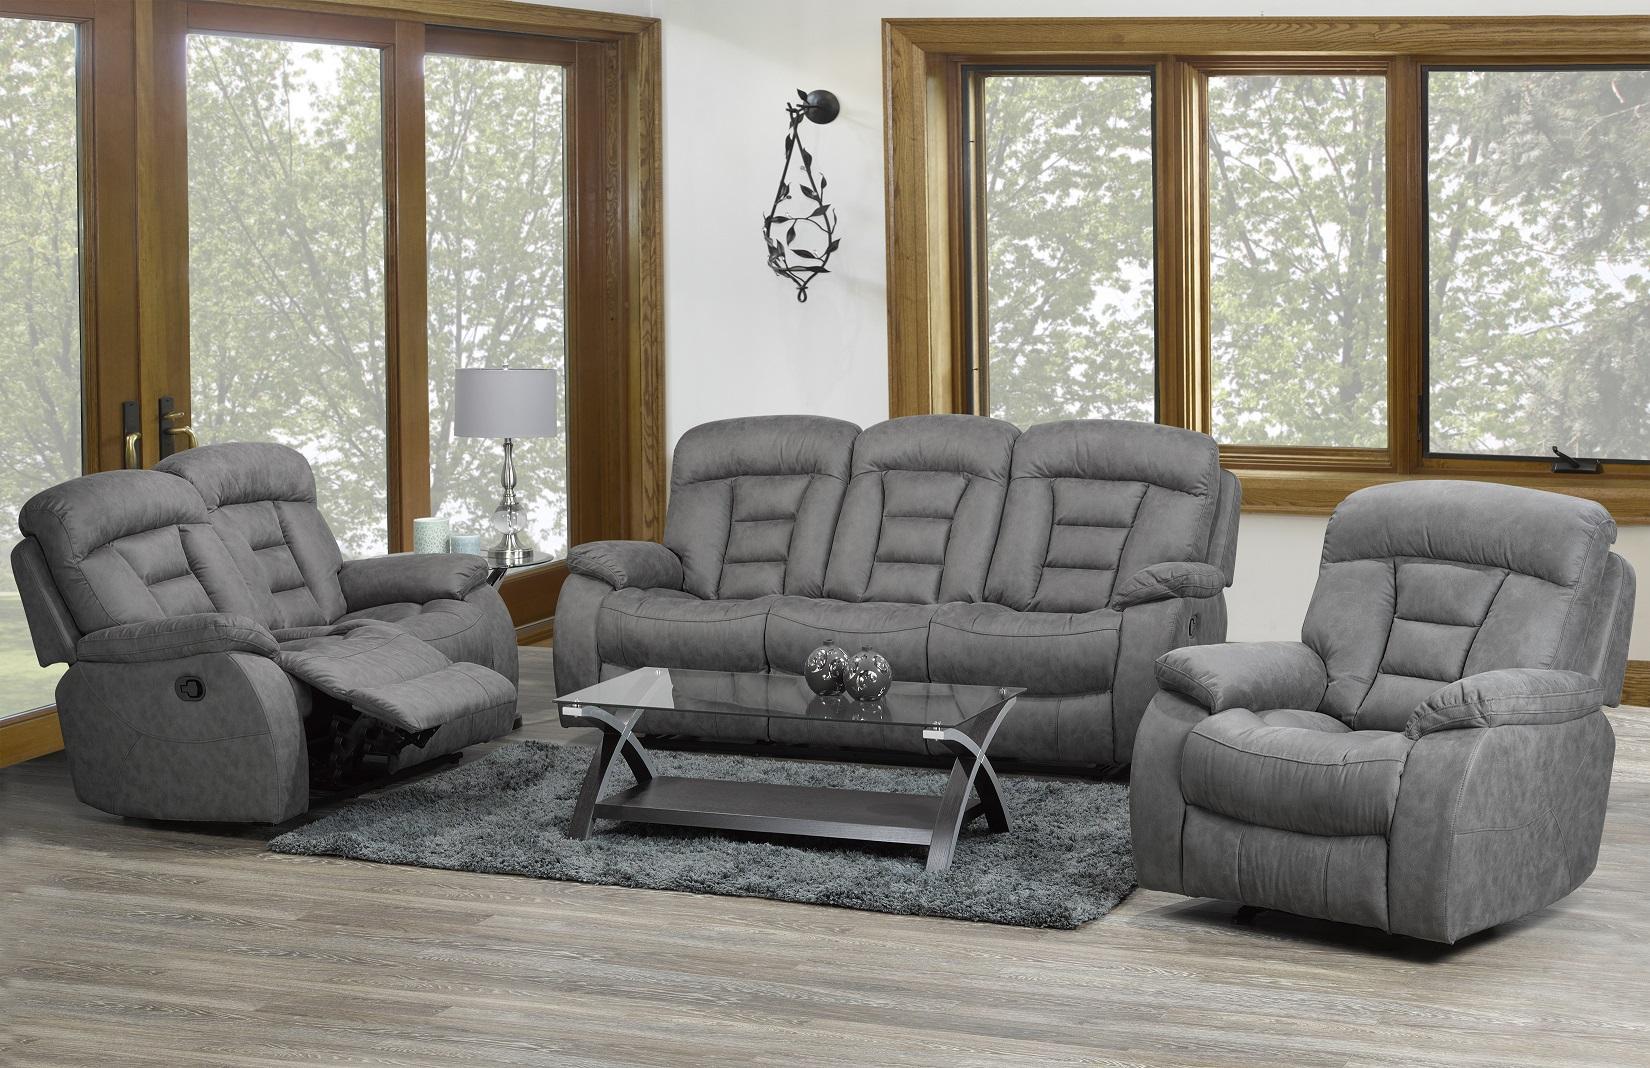 7365 grey mega furniture imports ltd. Black Bedroom Furniture Sets. Home Design Ideas